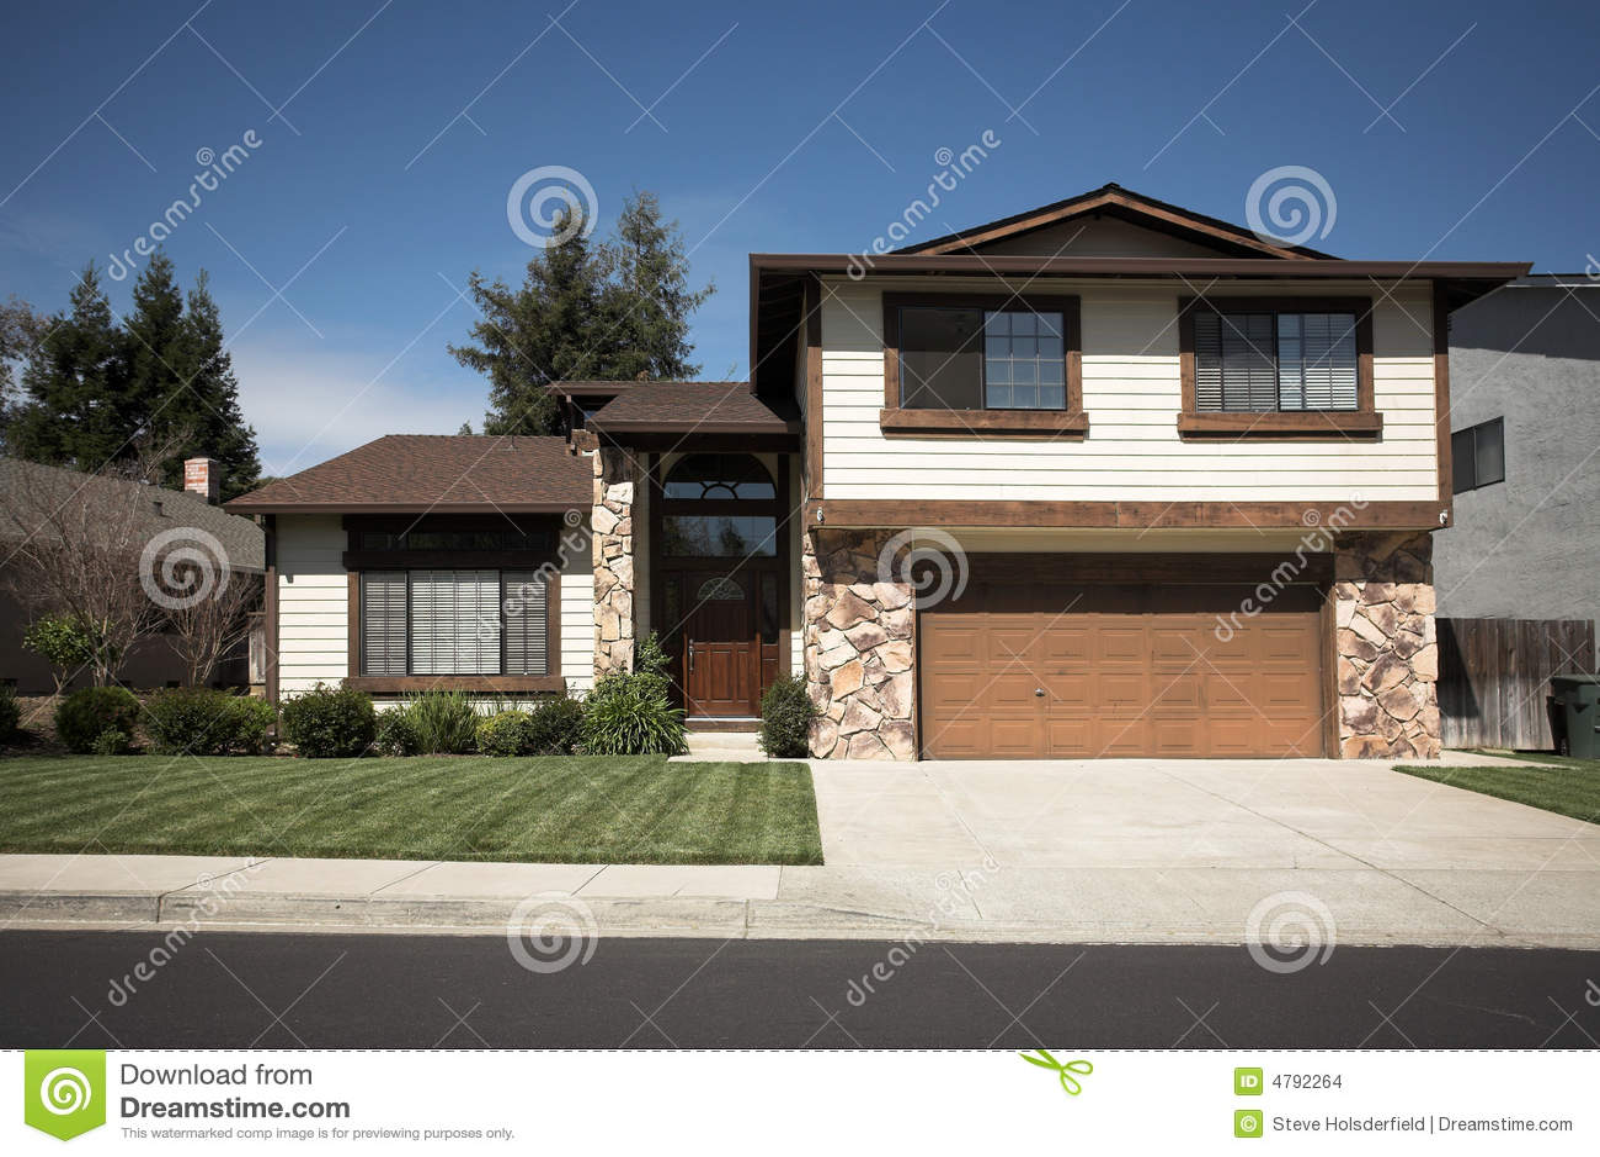 maison nordique de la californie subruban photo stock image du concret all e 4792264